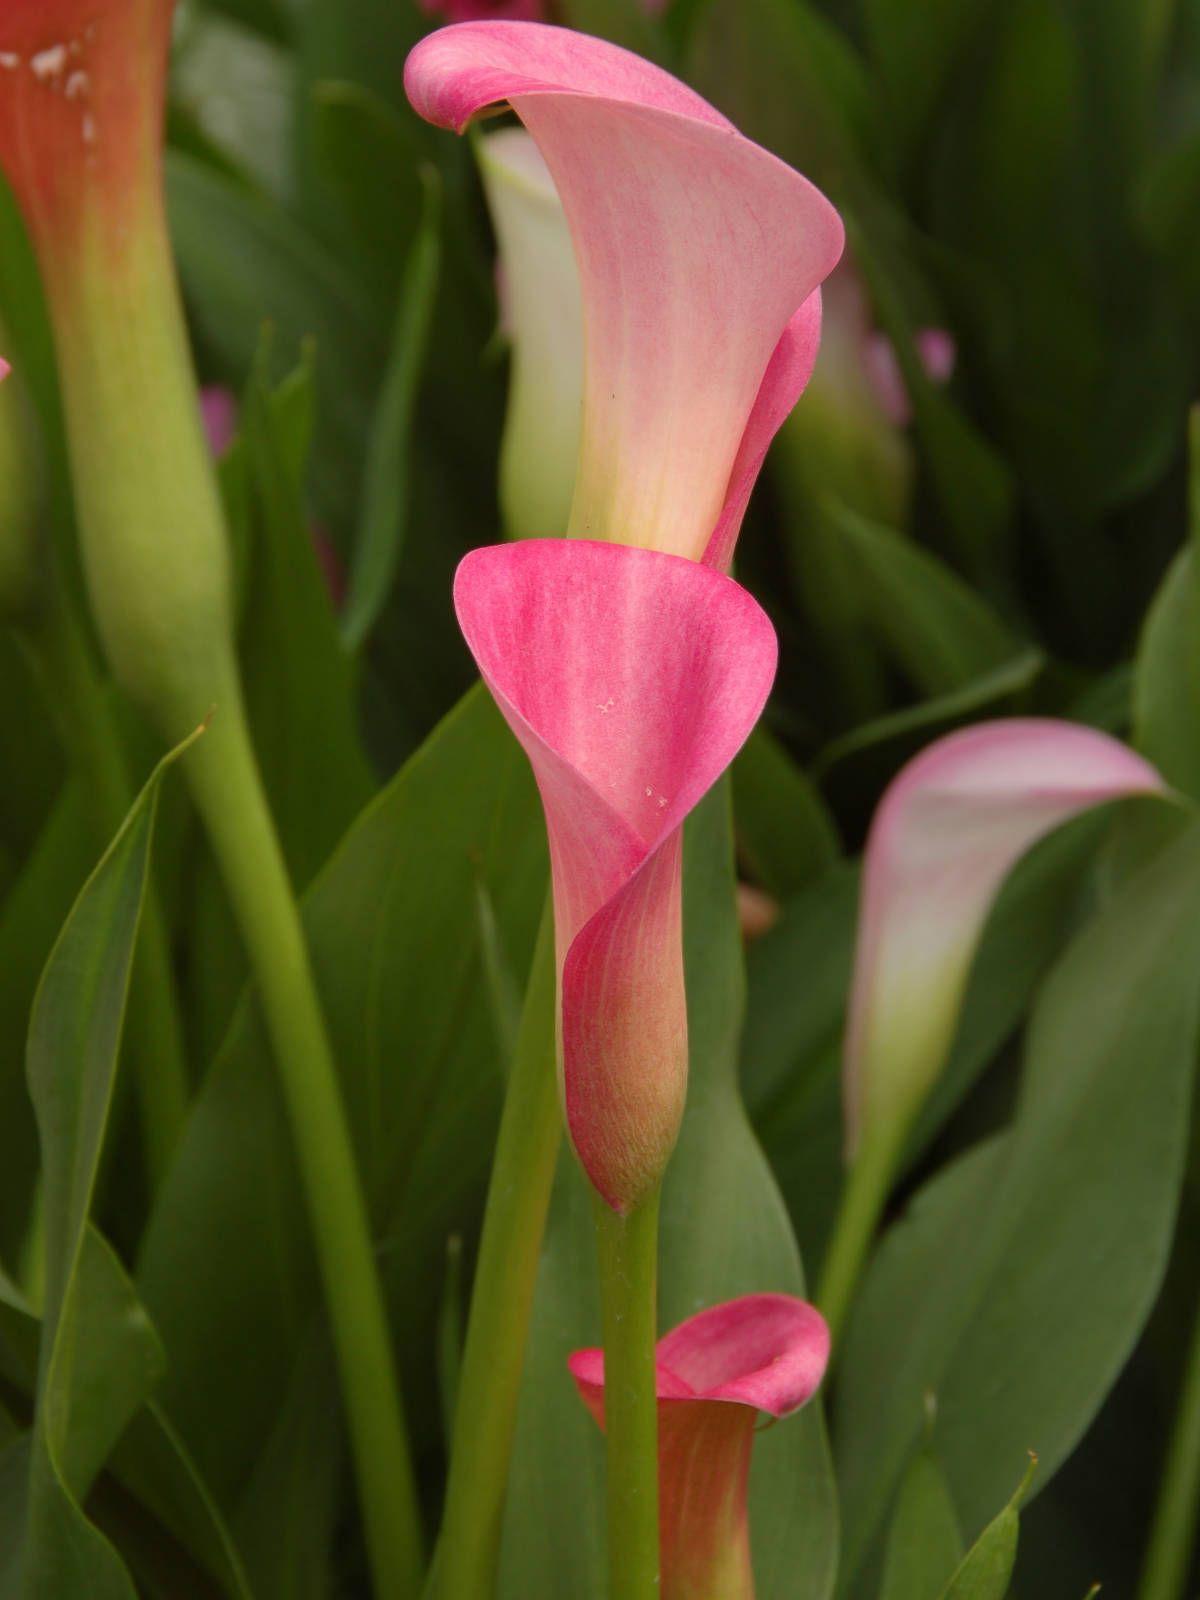 Zantedeschia Rehmannii Pink Calla Lily World Of Flowering Plants Calla Lily Flowers Lily Plants Zantedeschia